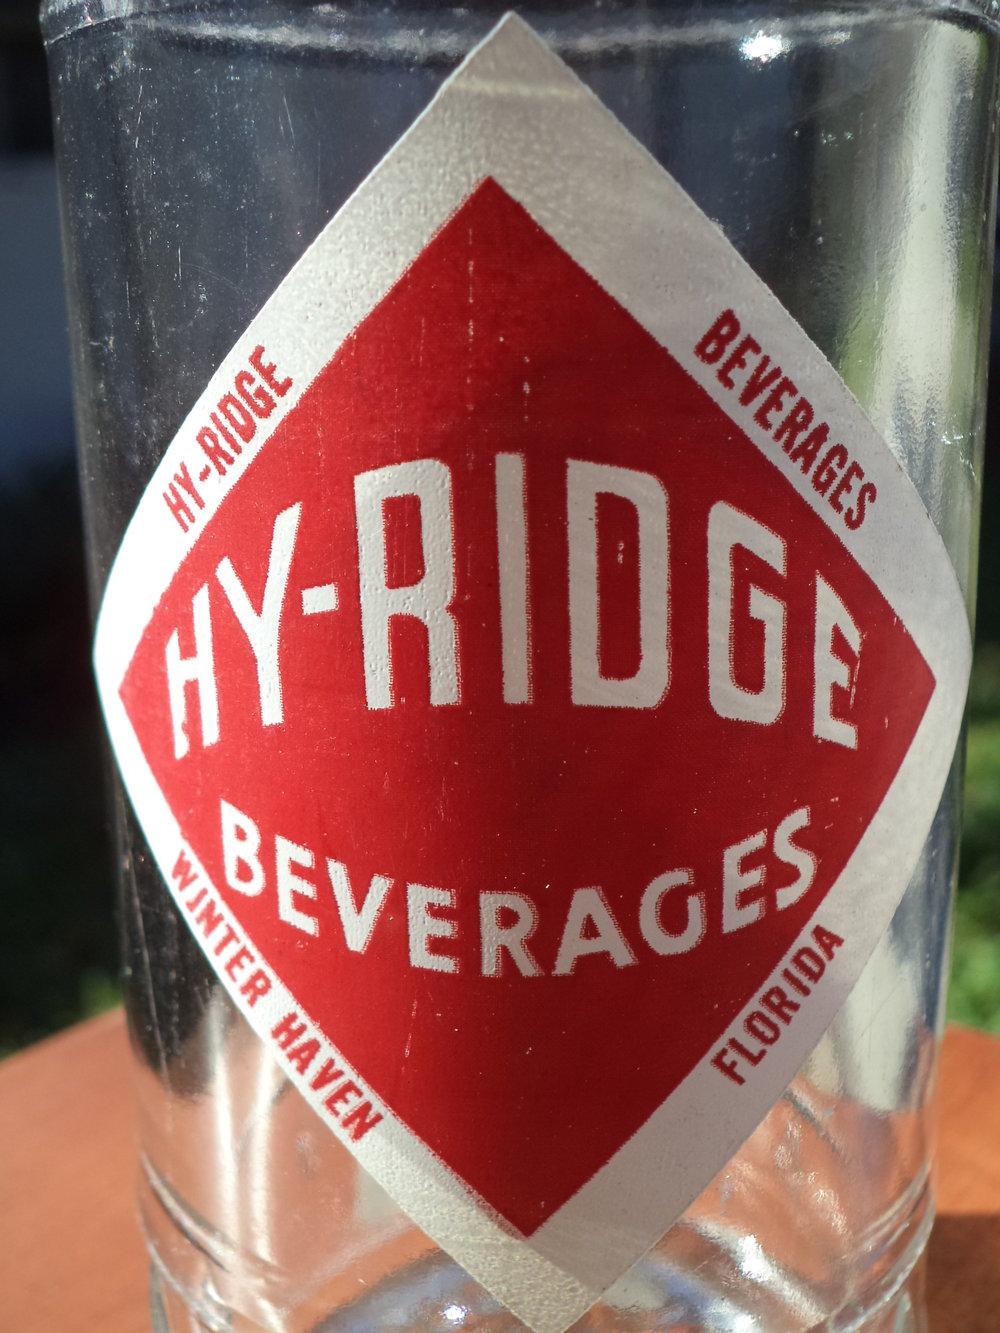 Hy-Ridge